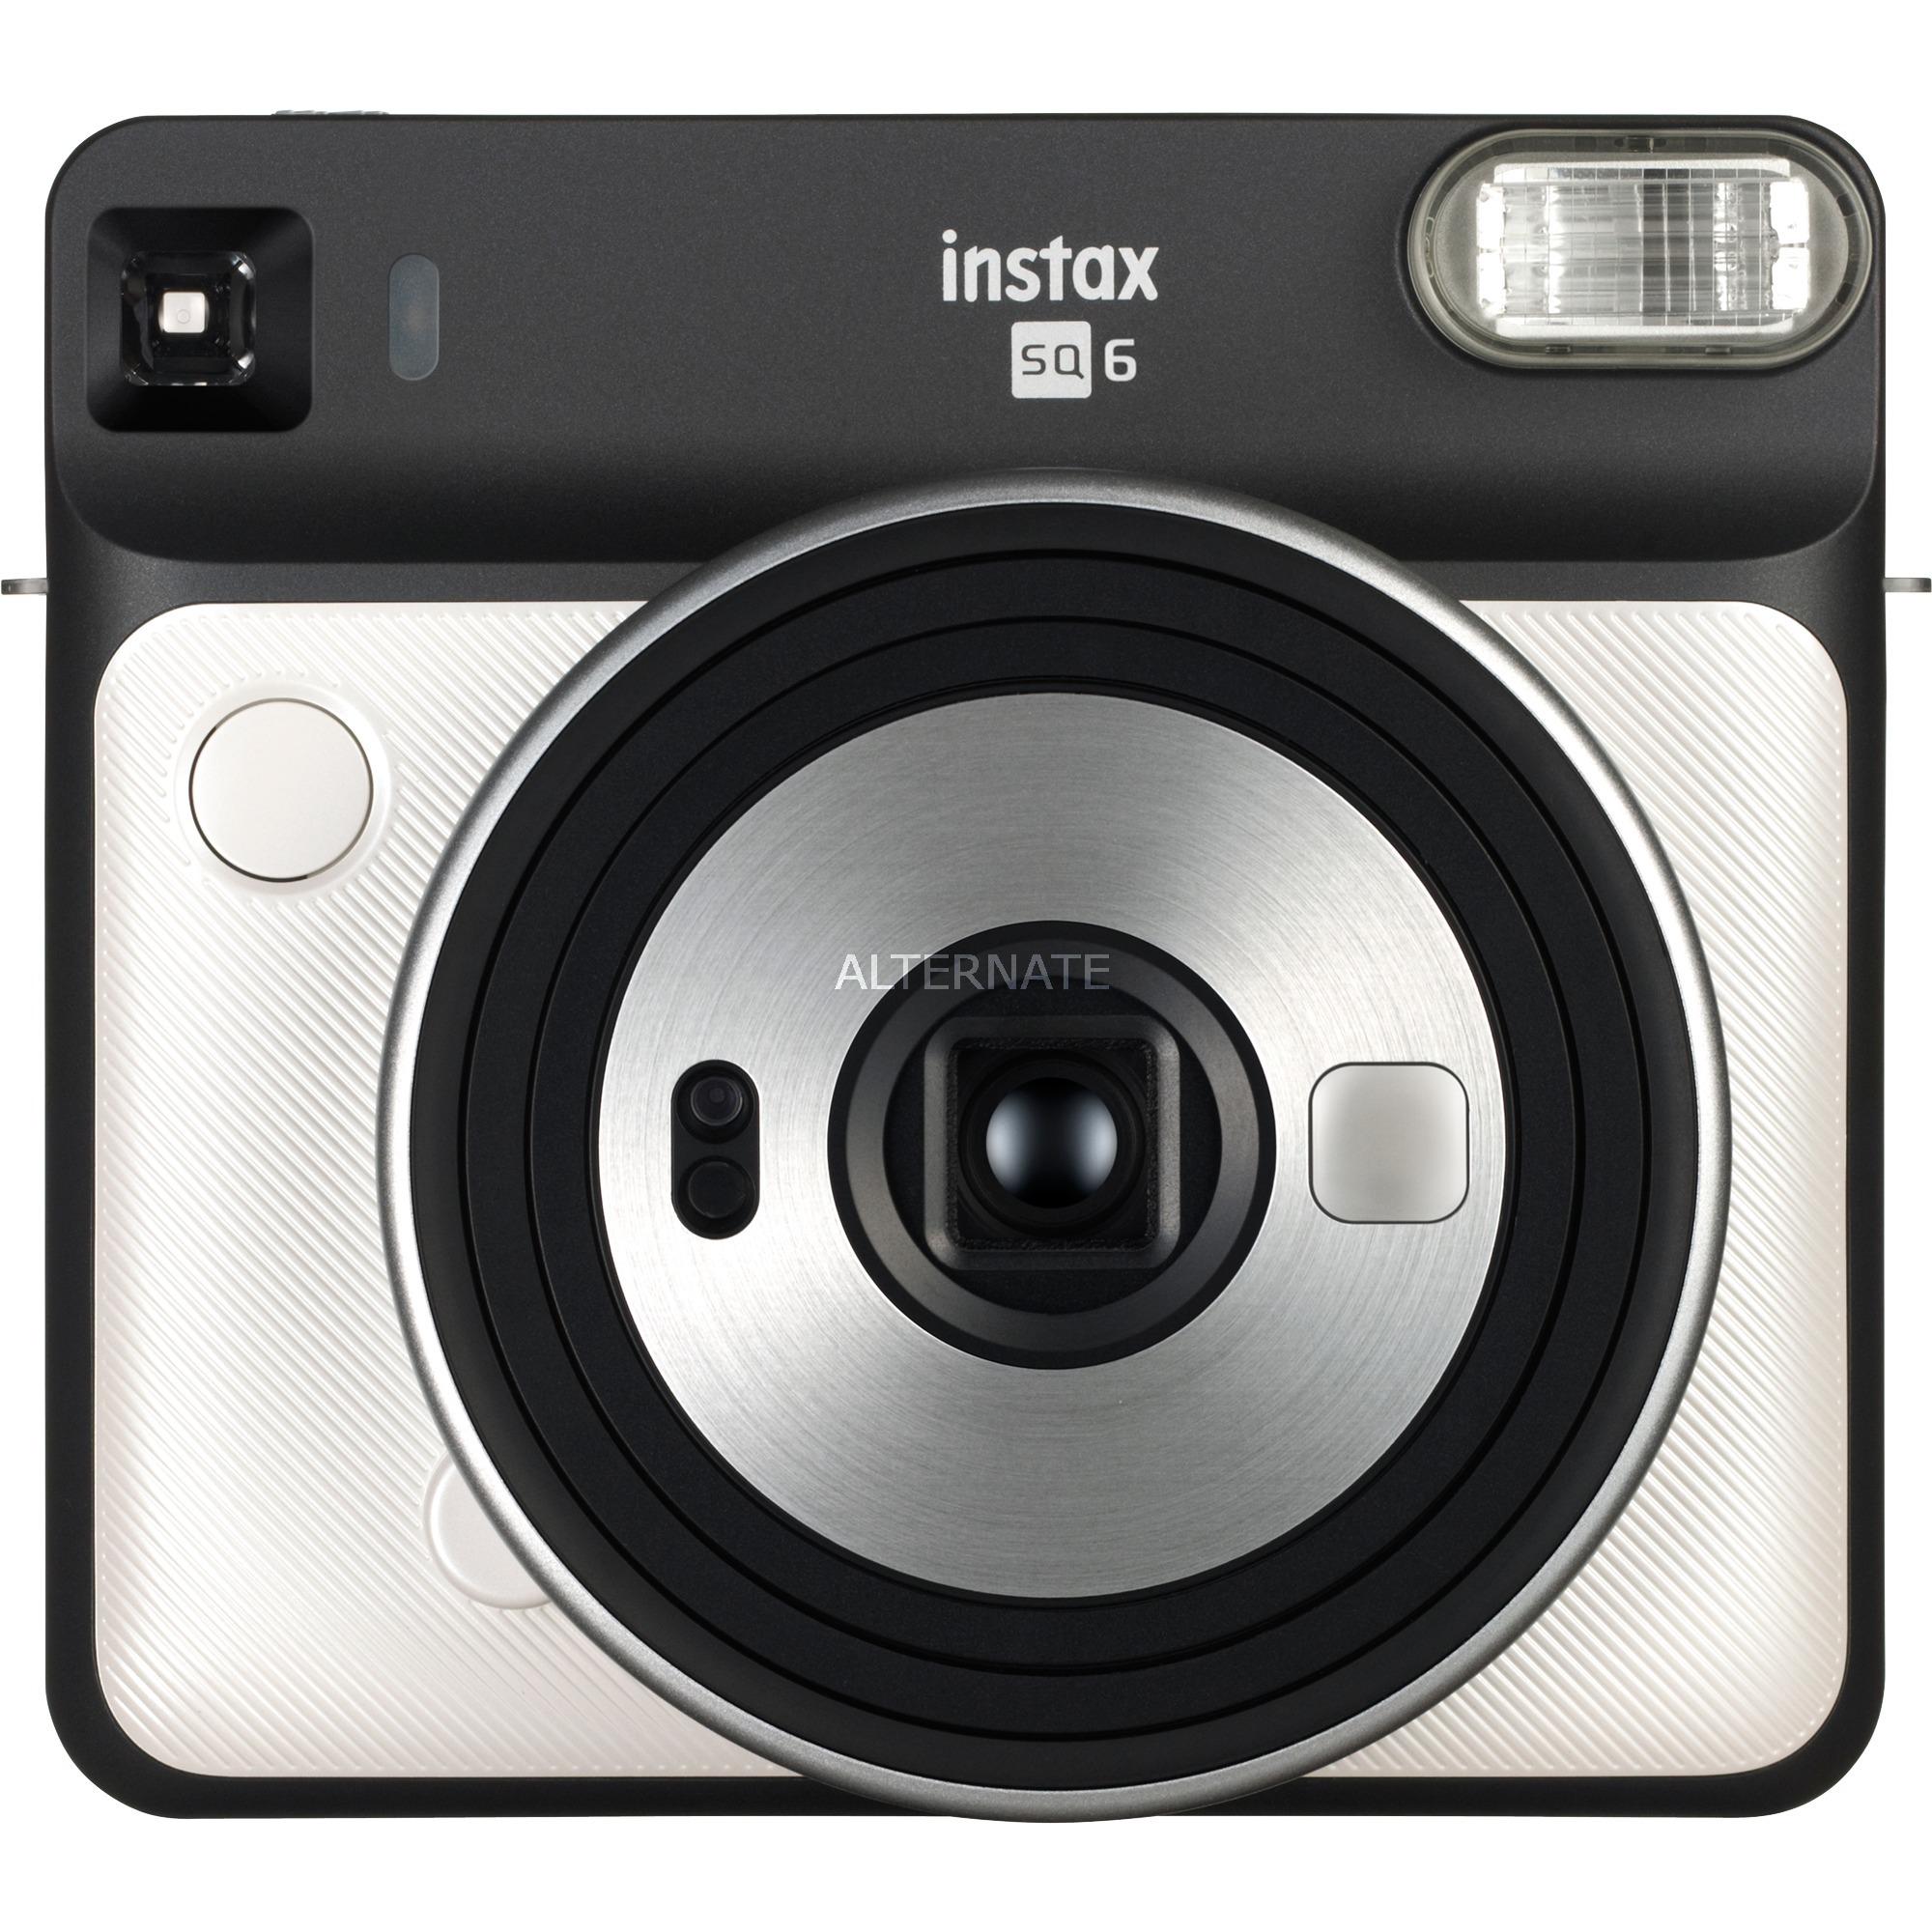 Instax SQ 6 cámara instantánea impresión 62 x 62 mm Blanco